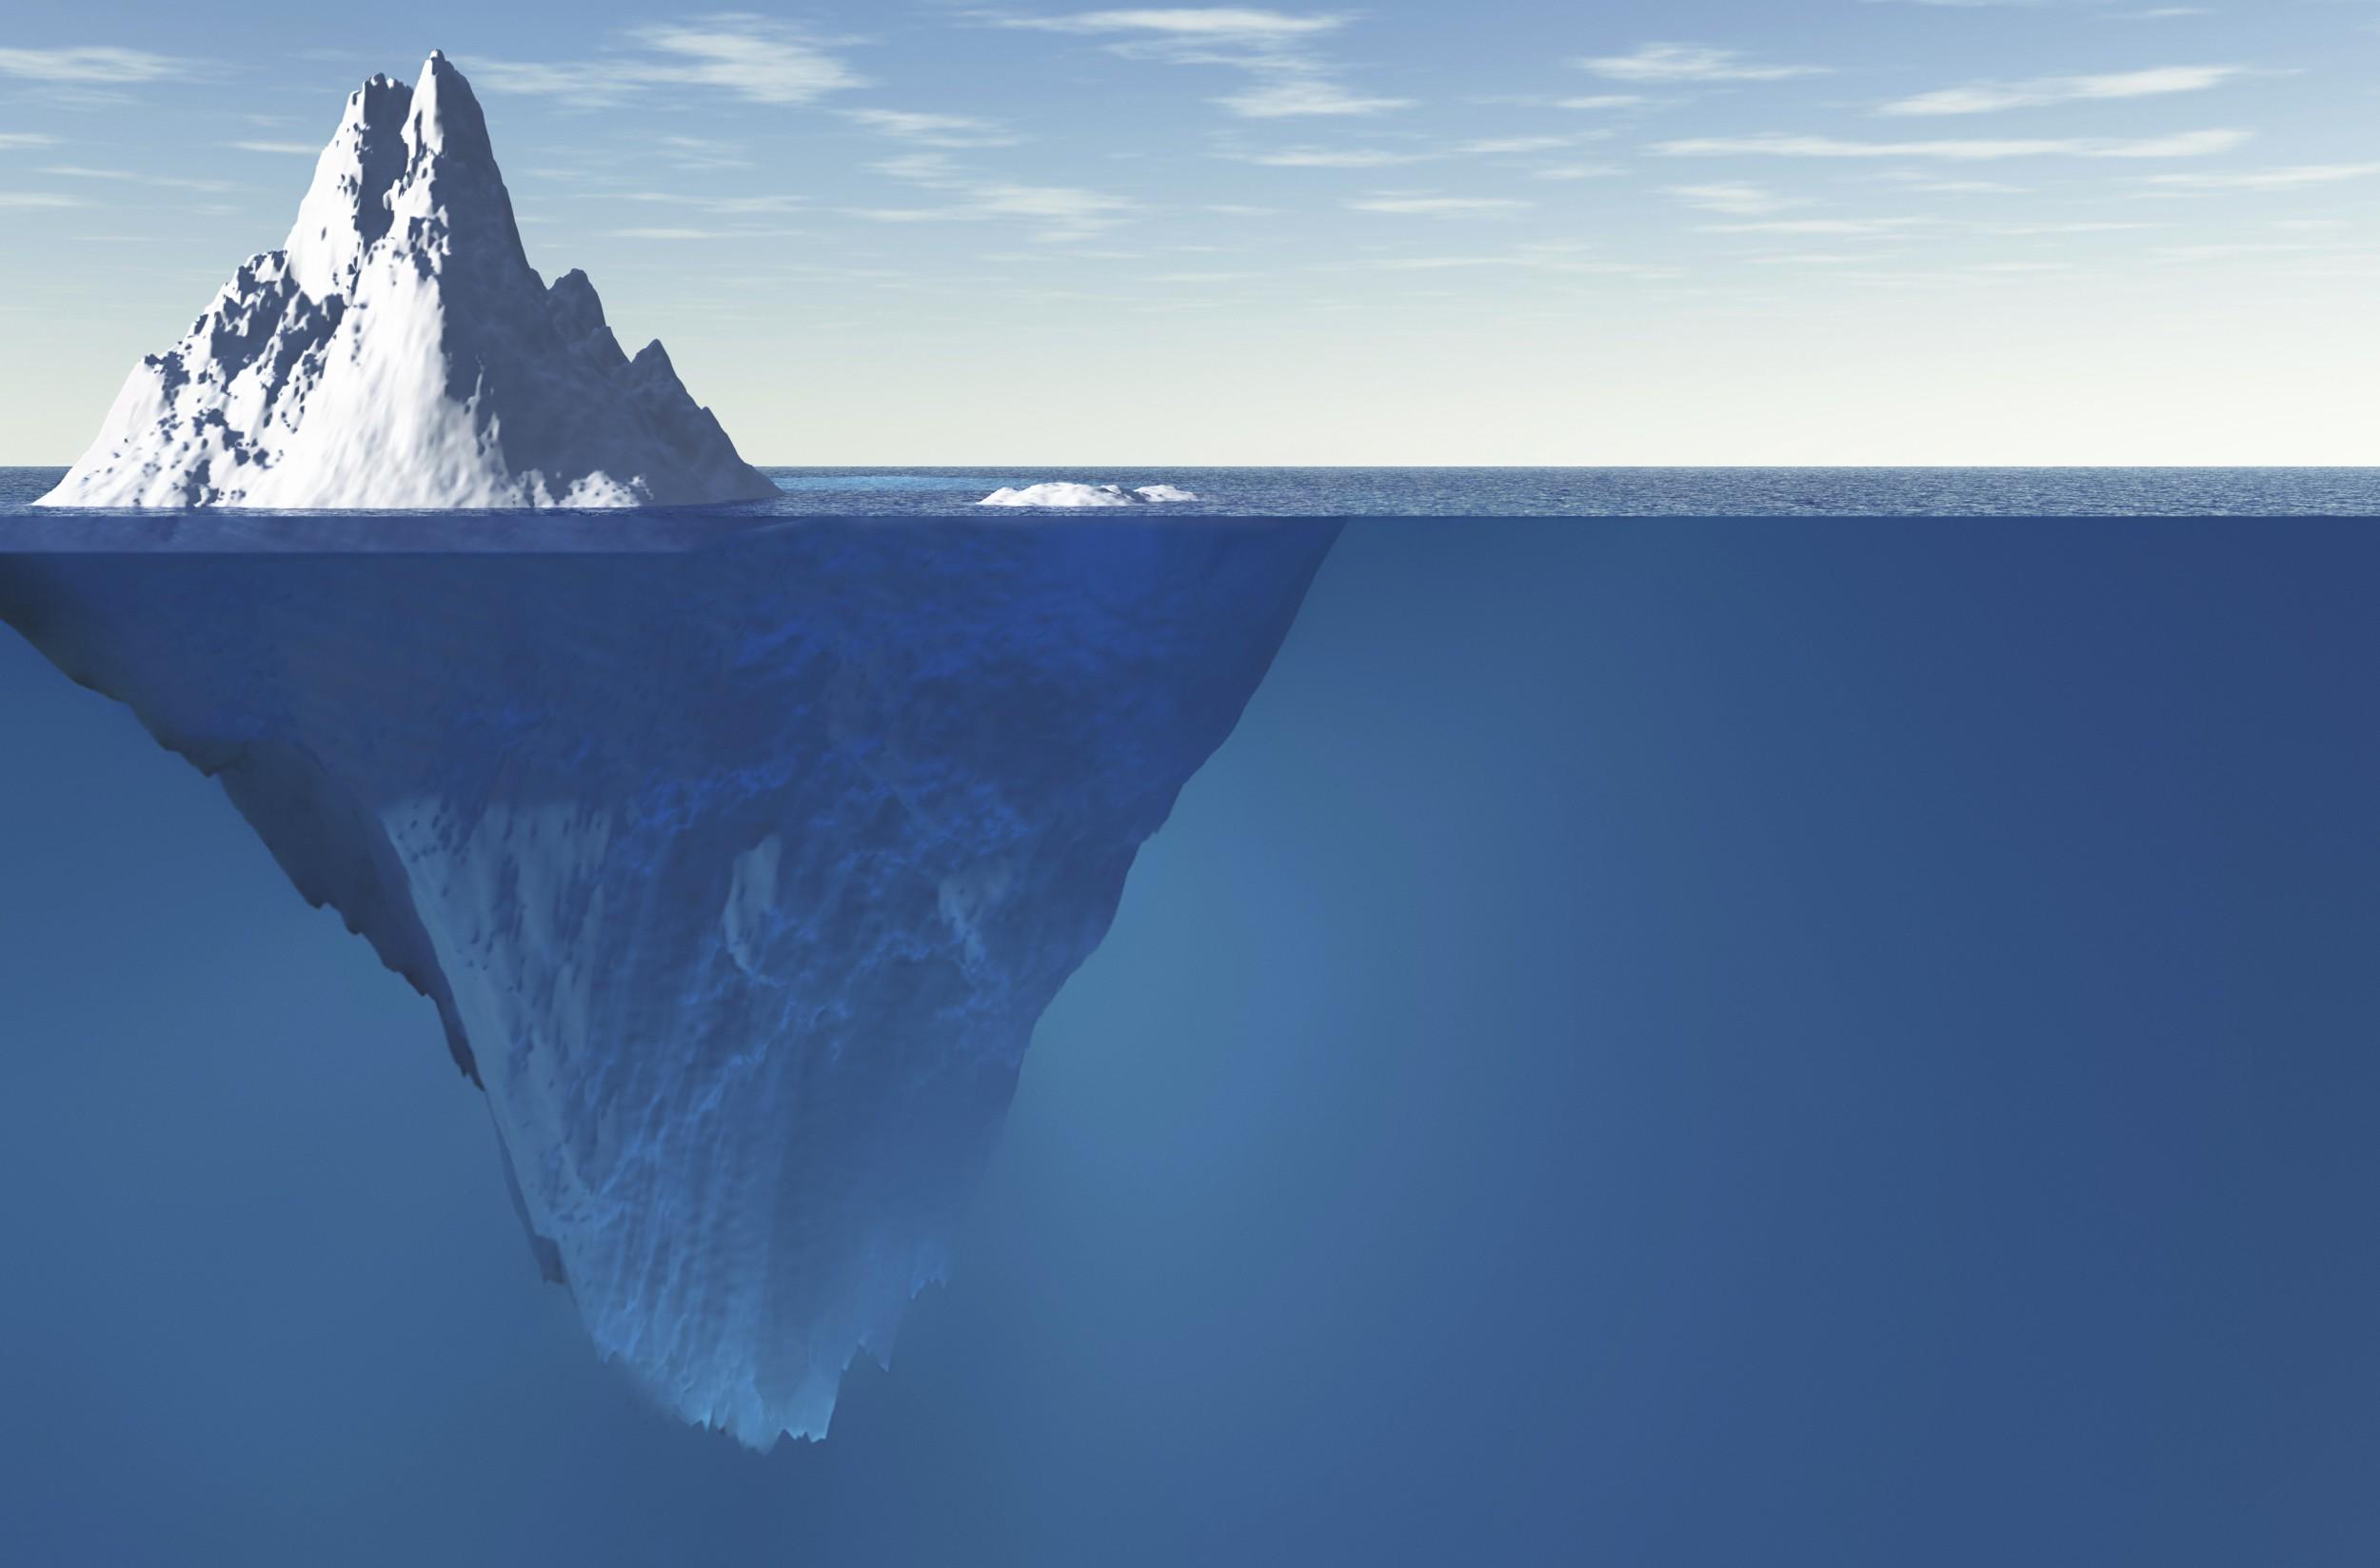 O maior iceberg do mundo a caminho para entrar em colisão com uma ilha para pinguins e focas